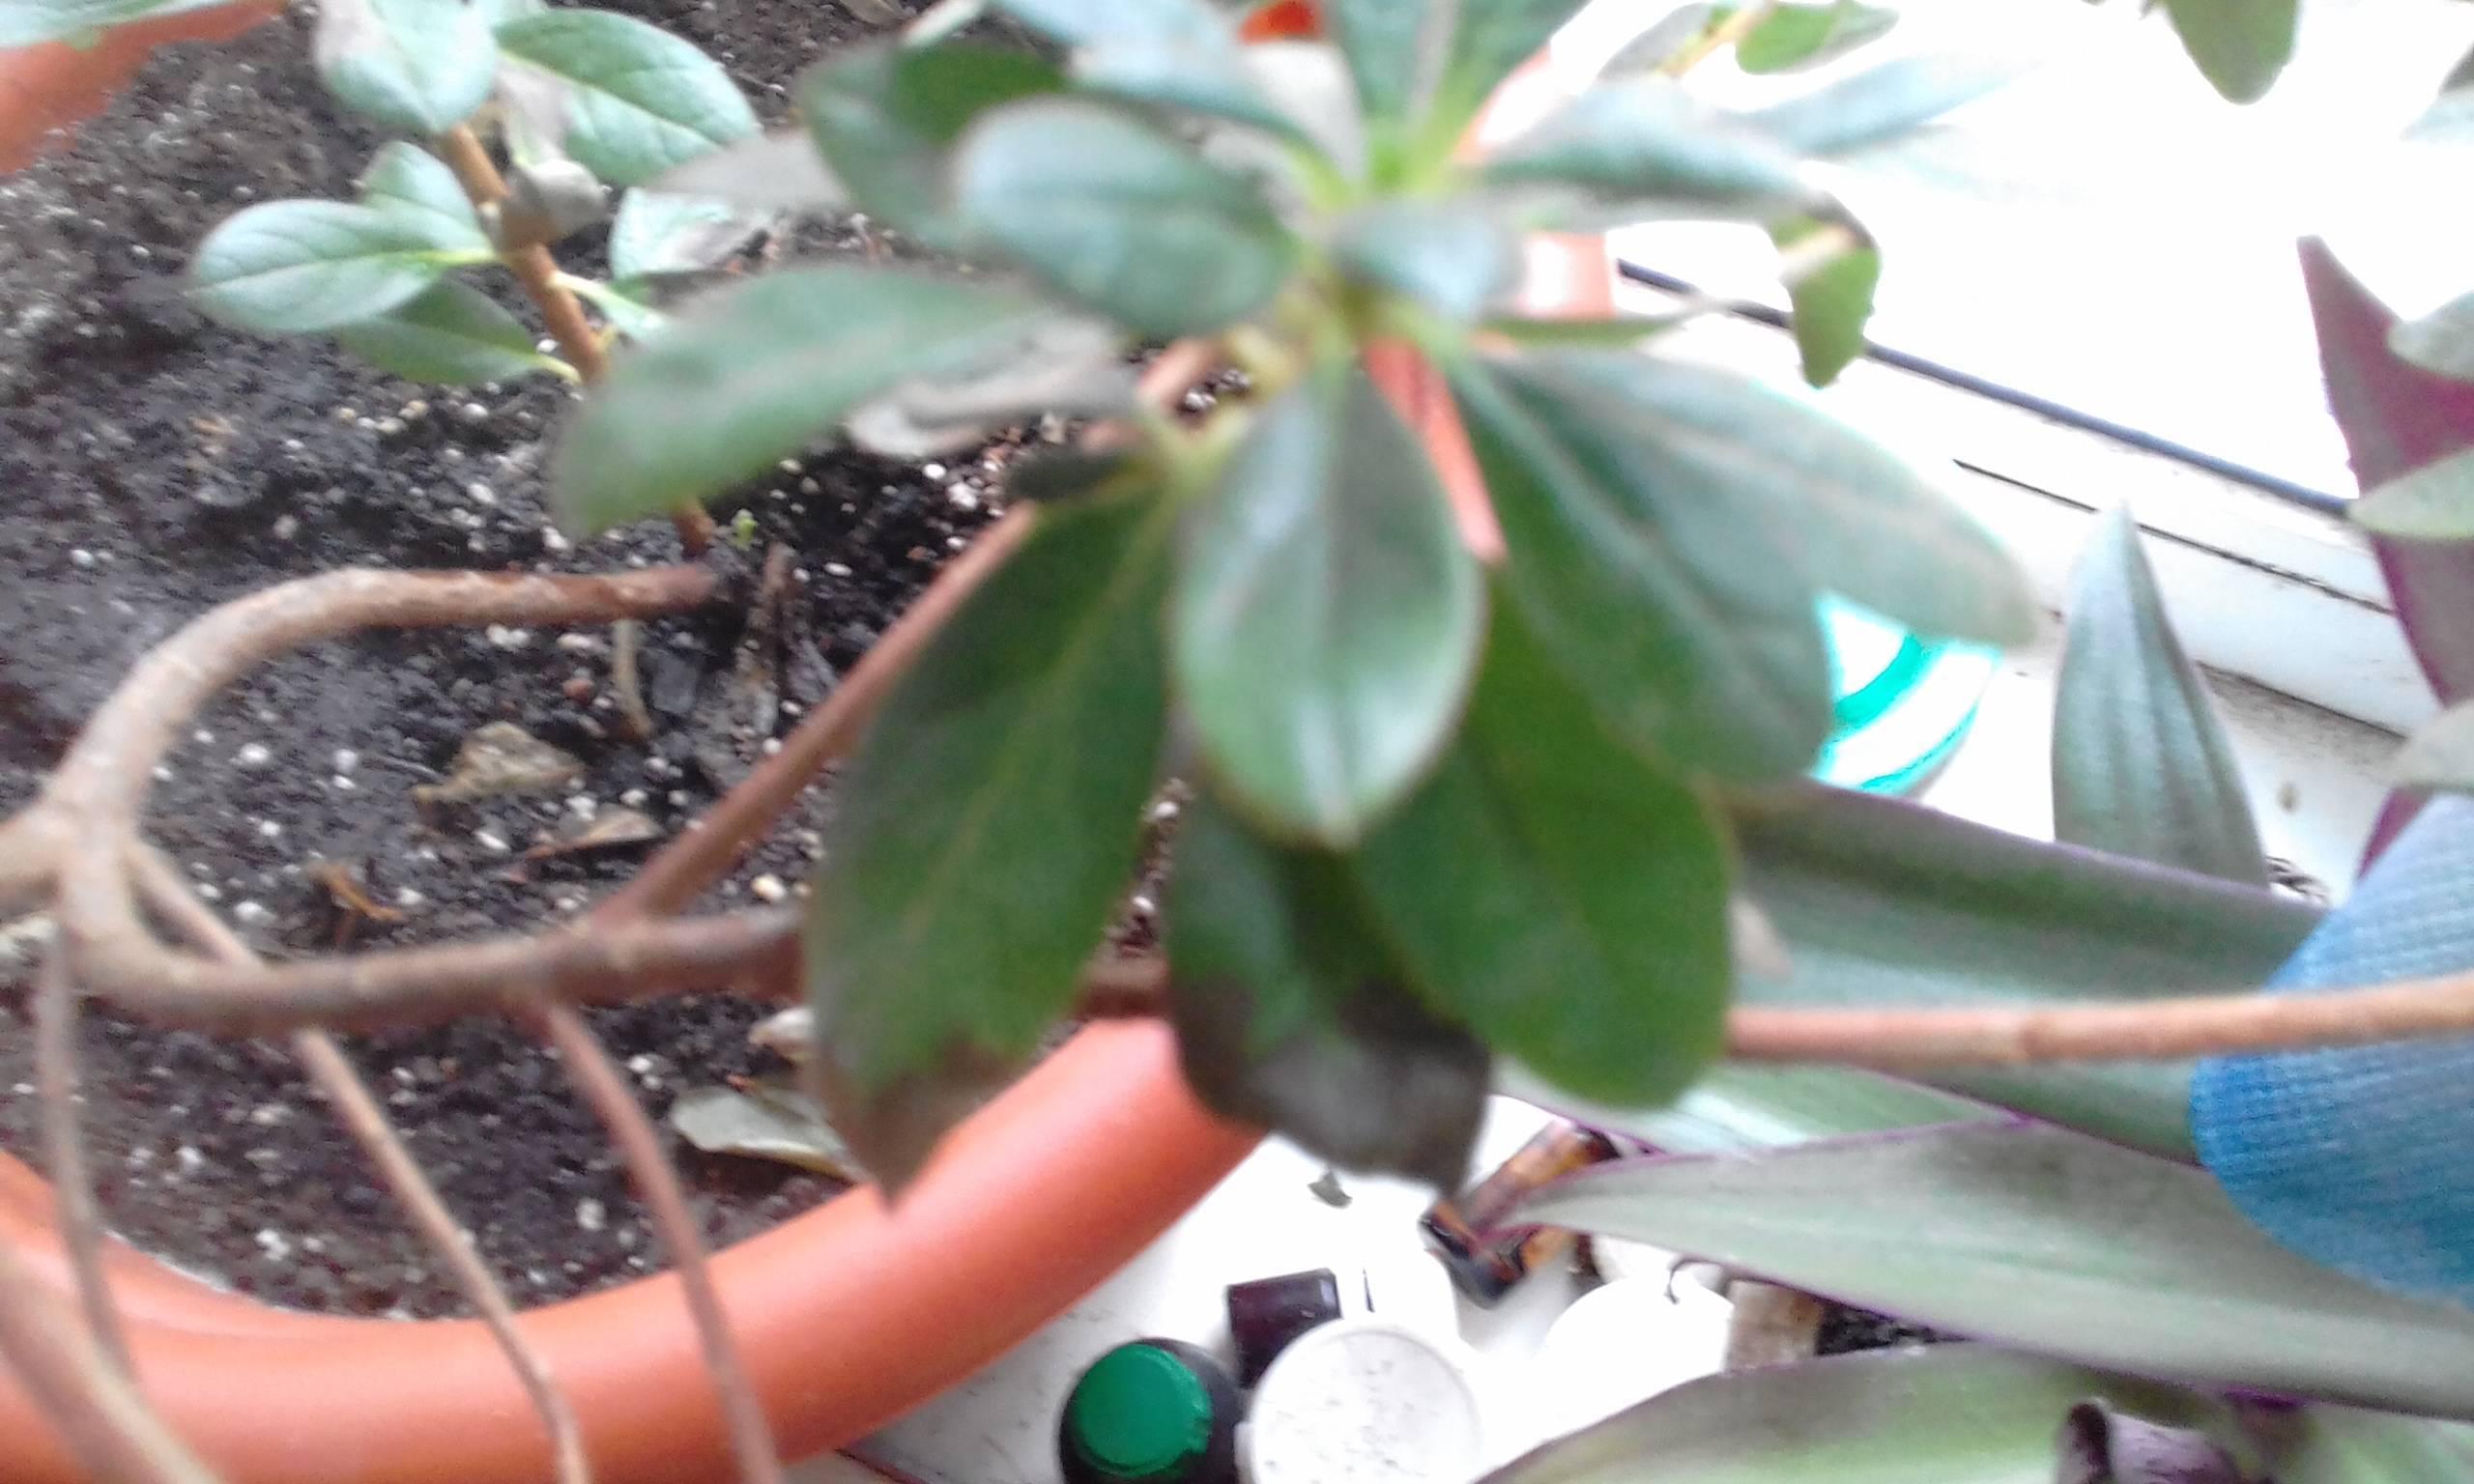 Осыпание азалии: почему сбрасывает листья, цветы и бутоны, что делать, чтобы спасти растение?